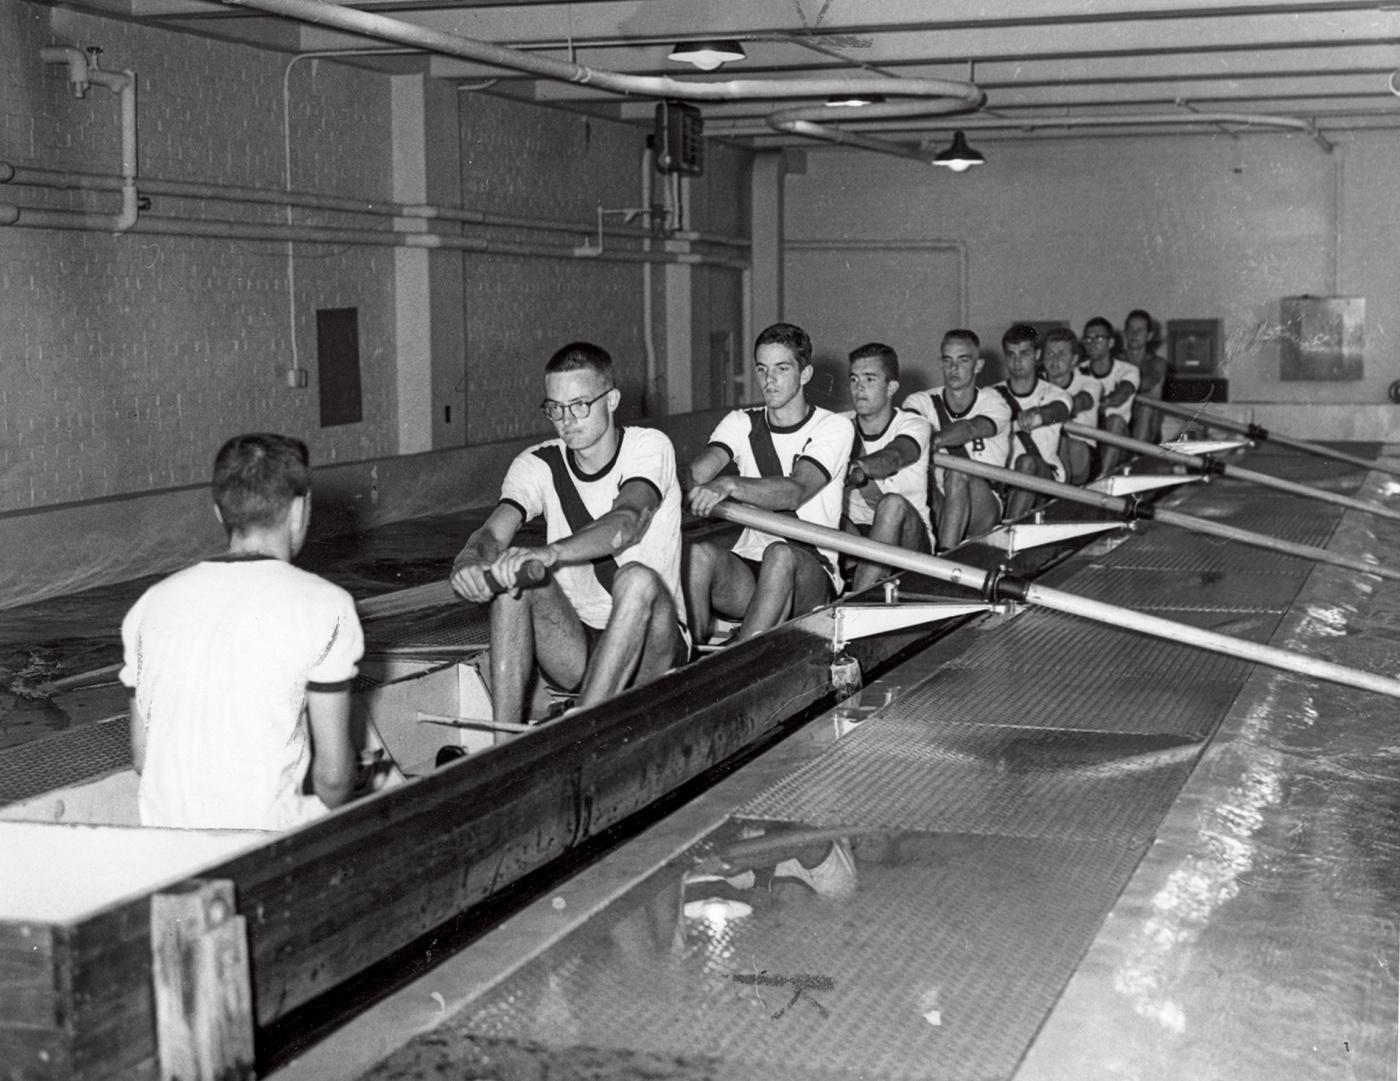 1960 crew training indoors